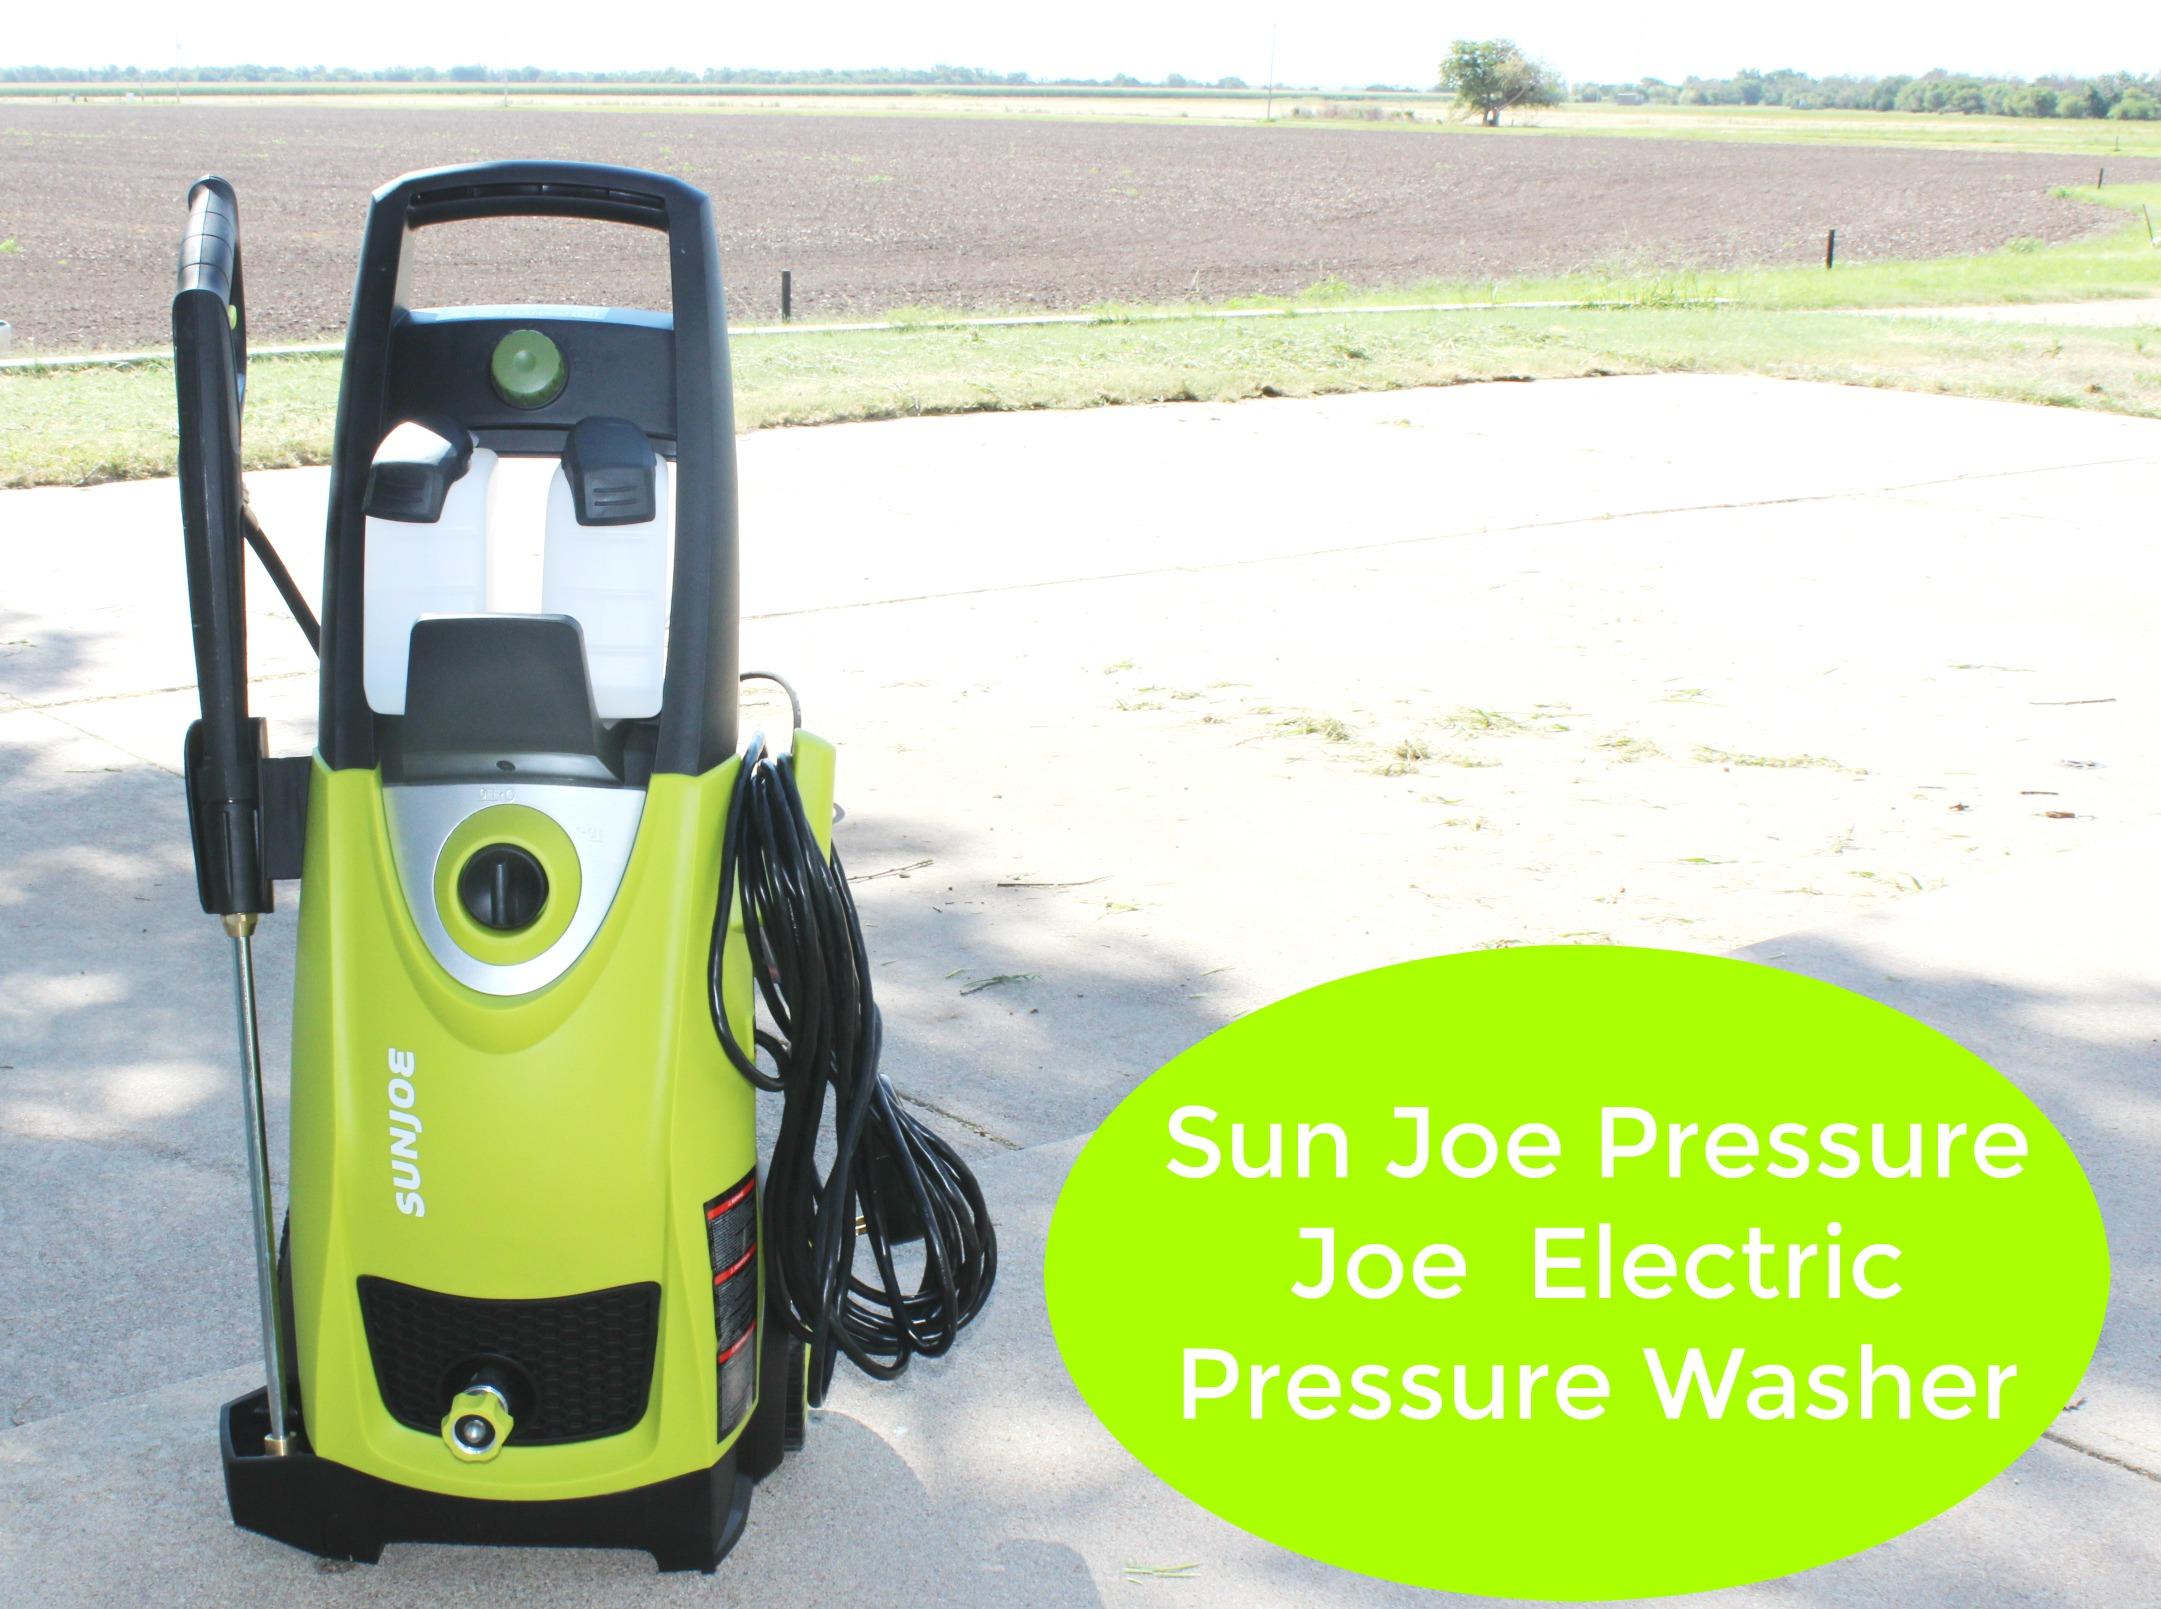 Sun Joe Pressure Washer